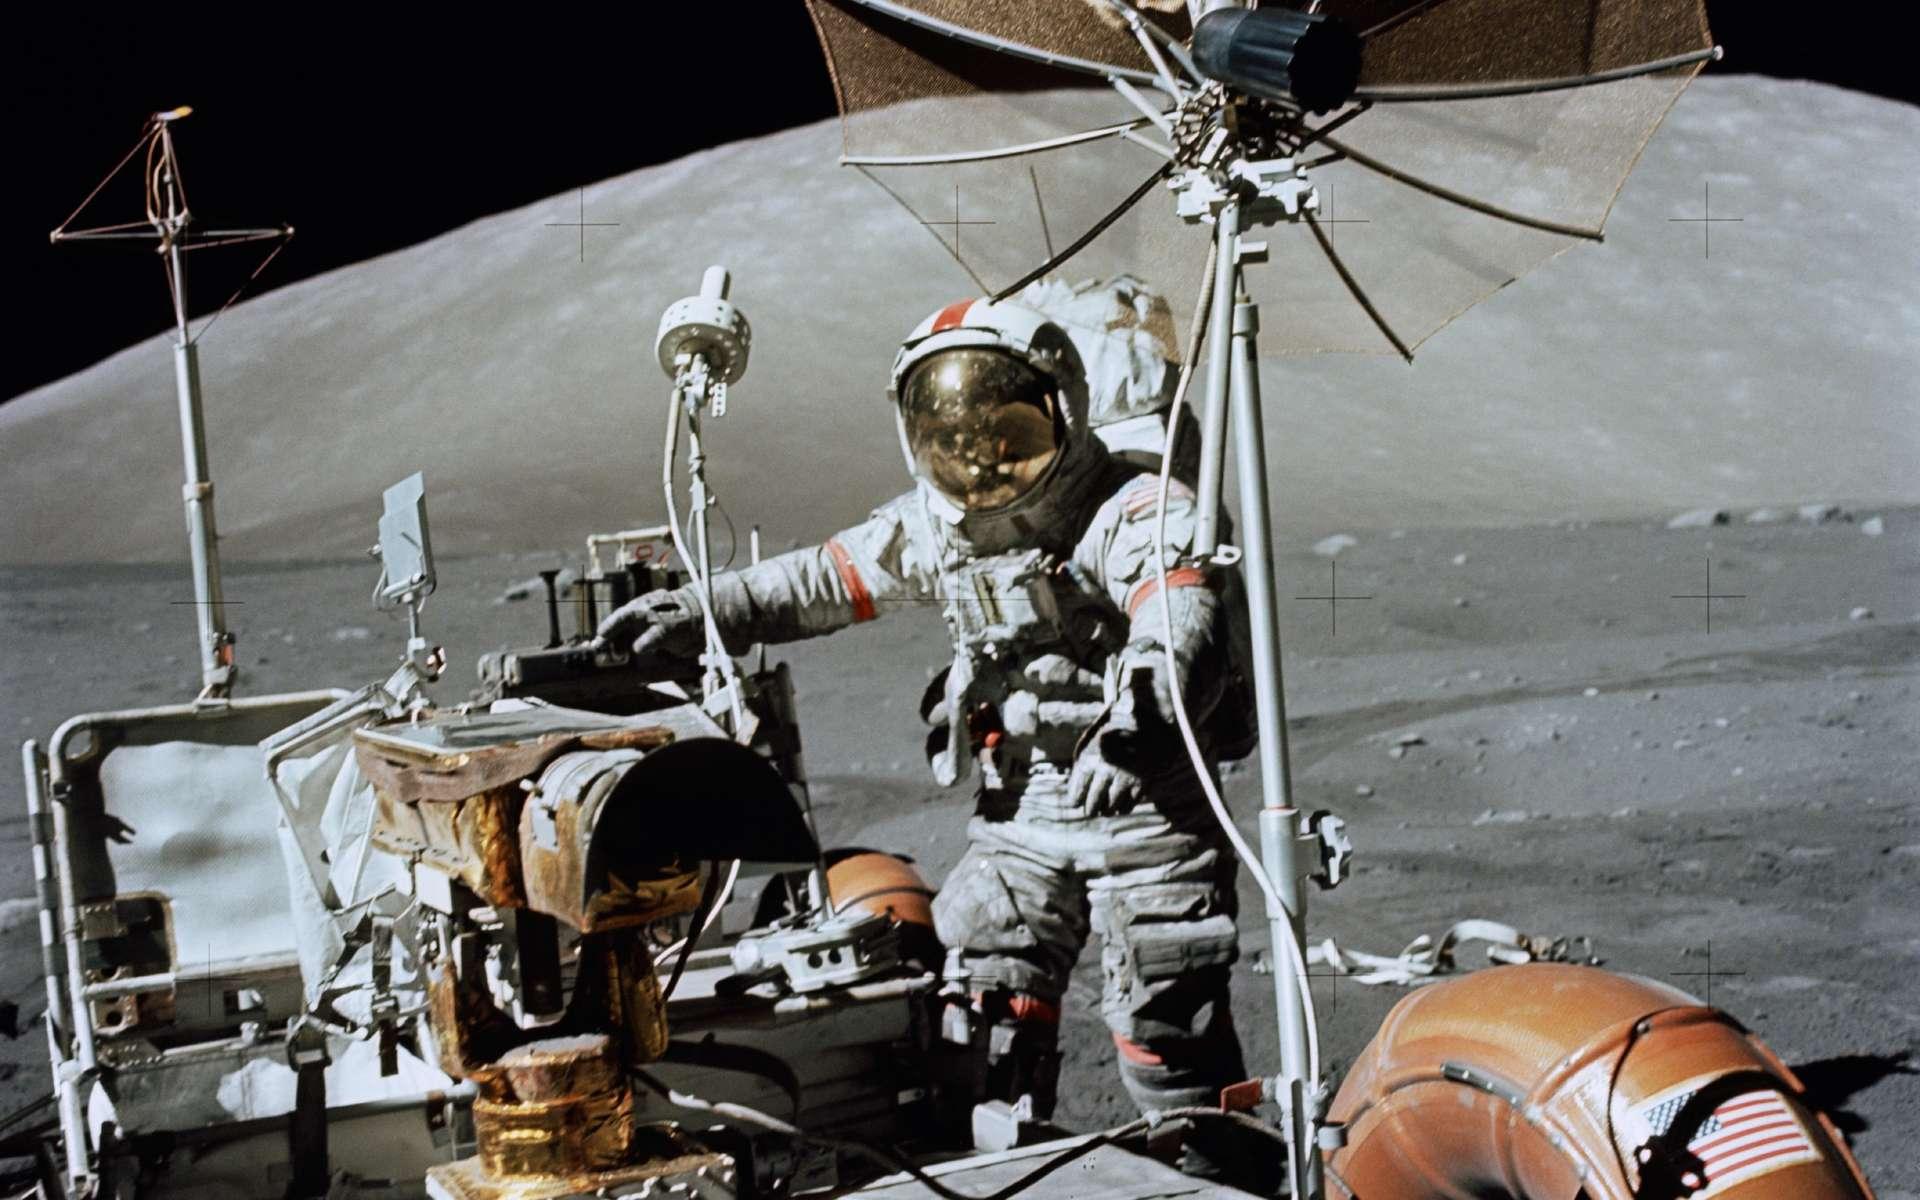 Le véhicule lunaire de la mission Apollo 17, en 1972, avec Eugene Cernan, couvert de poussière. © Nasa